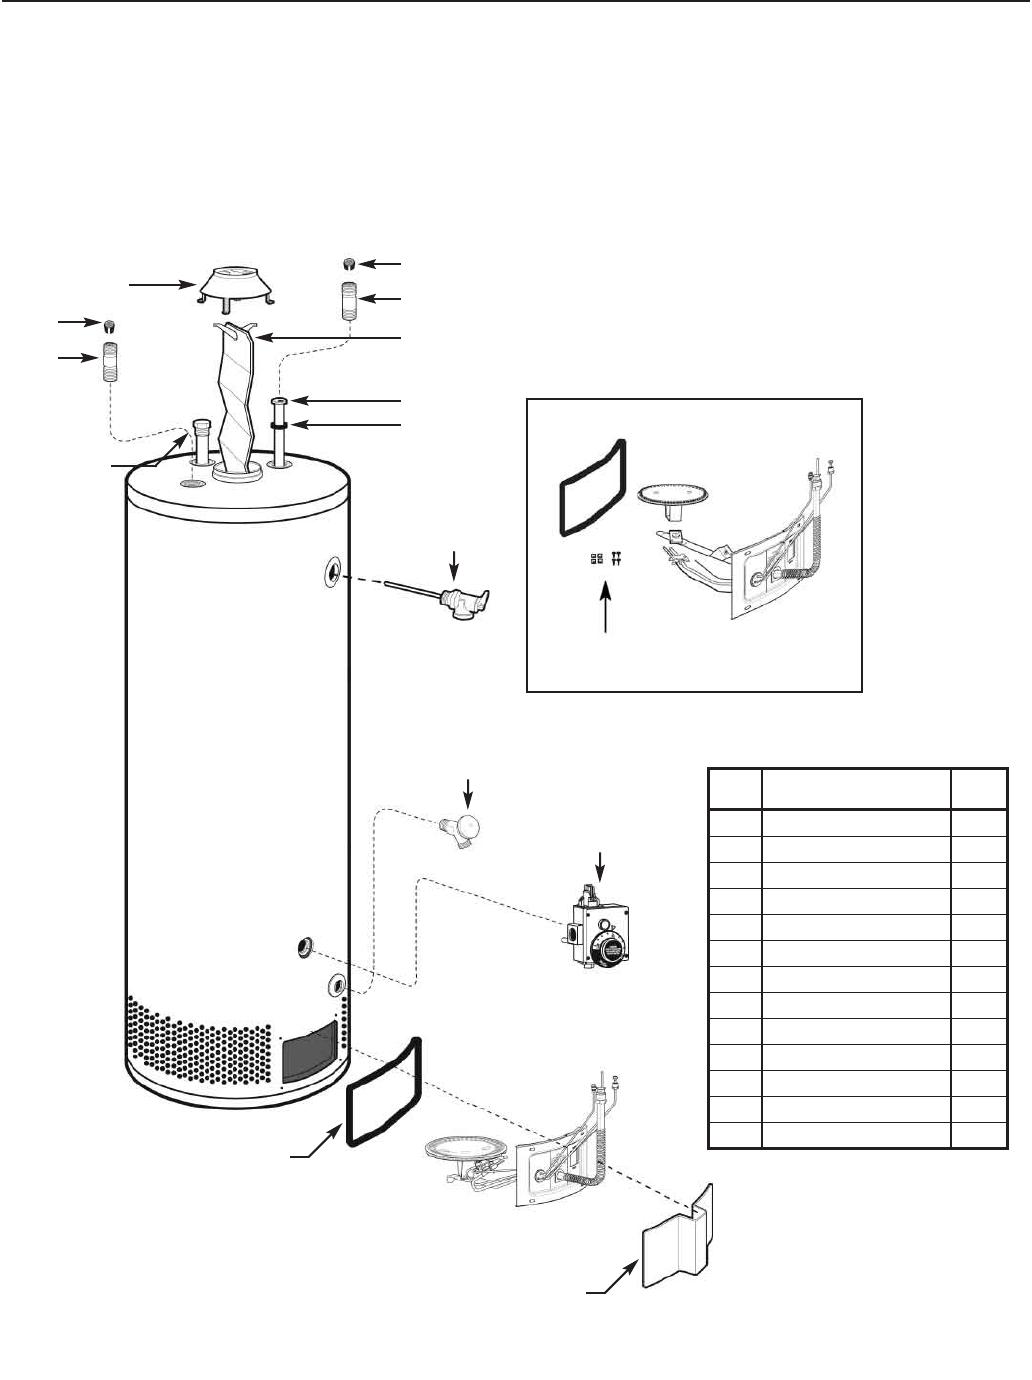 Rheem Water Heater Manual